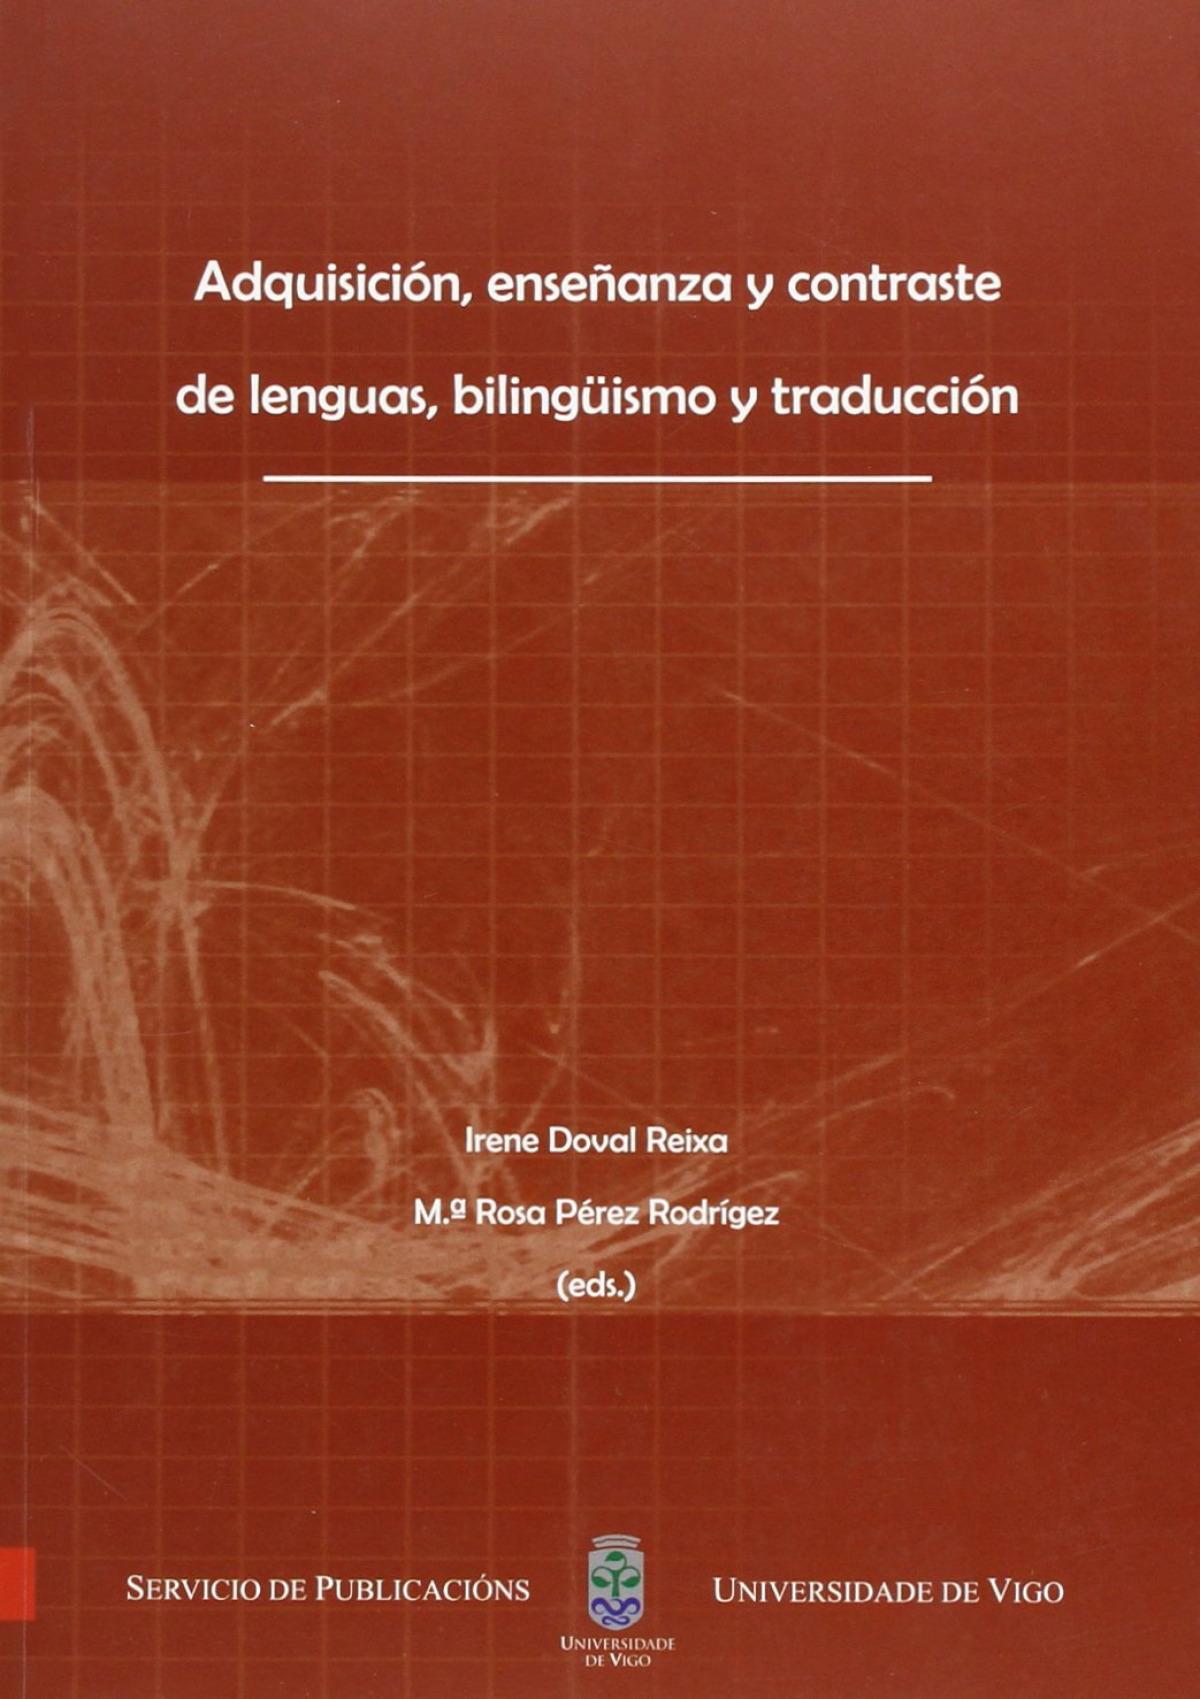 Adquisición, enseñanza y contraste de lenguas, bilingüismo y traducción